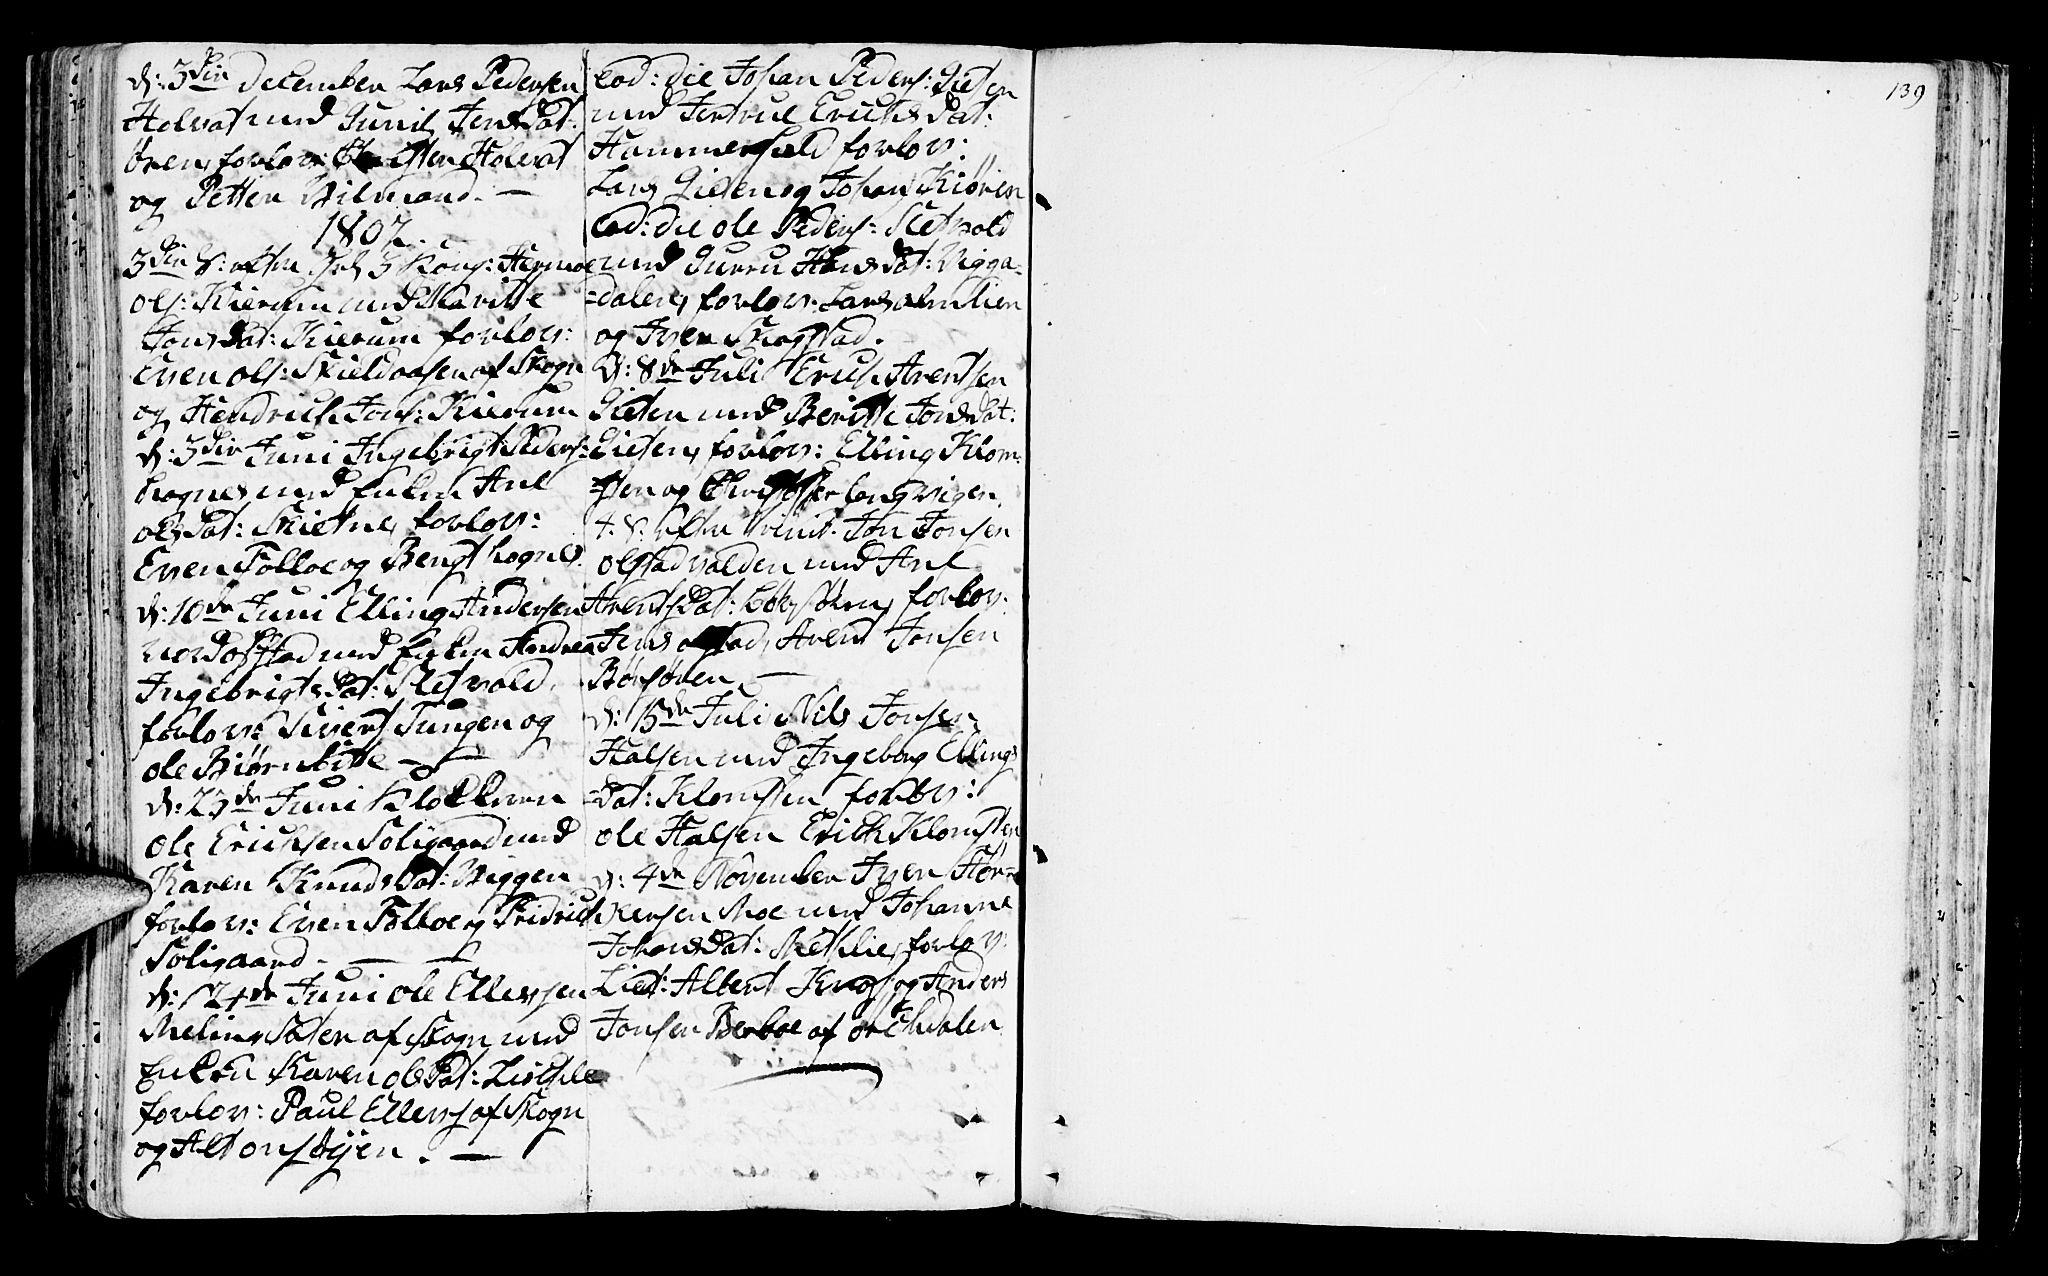 SAT, Ministerialprotokoller, klokkerbøker og fødselsregistre - Sør-Trøndelag, 665/L0768: Ministerialbok nr. 665A03, 1754-1803, s. 139